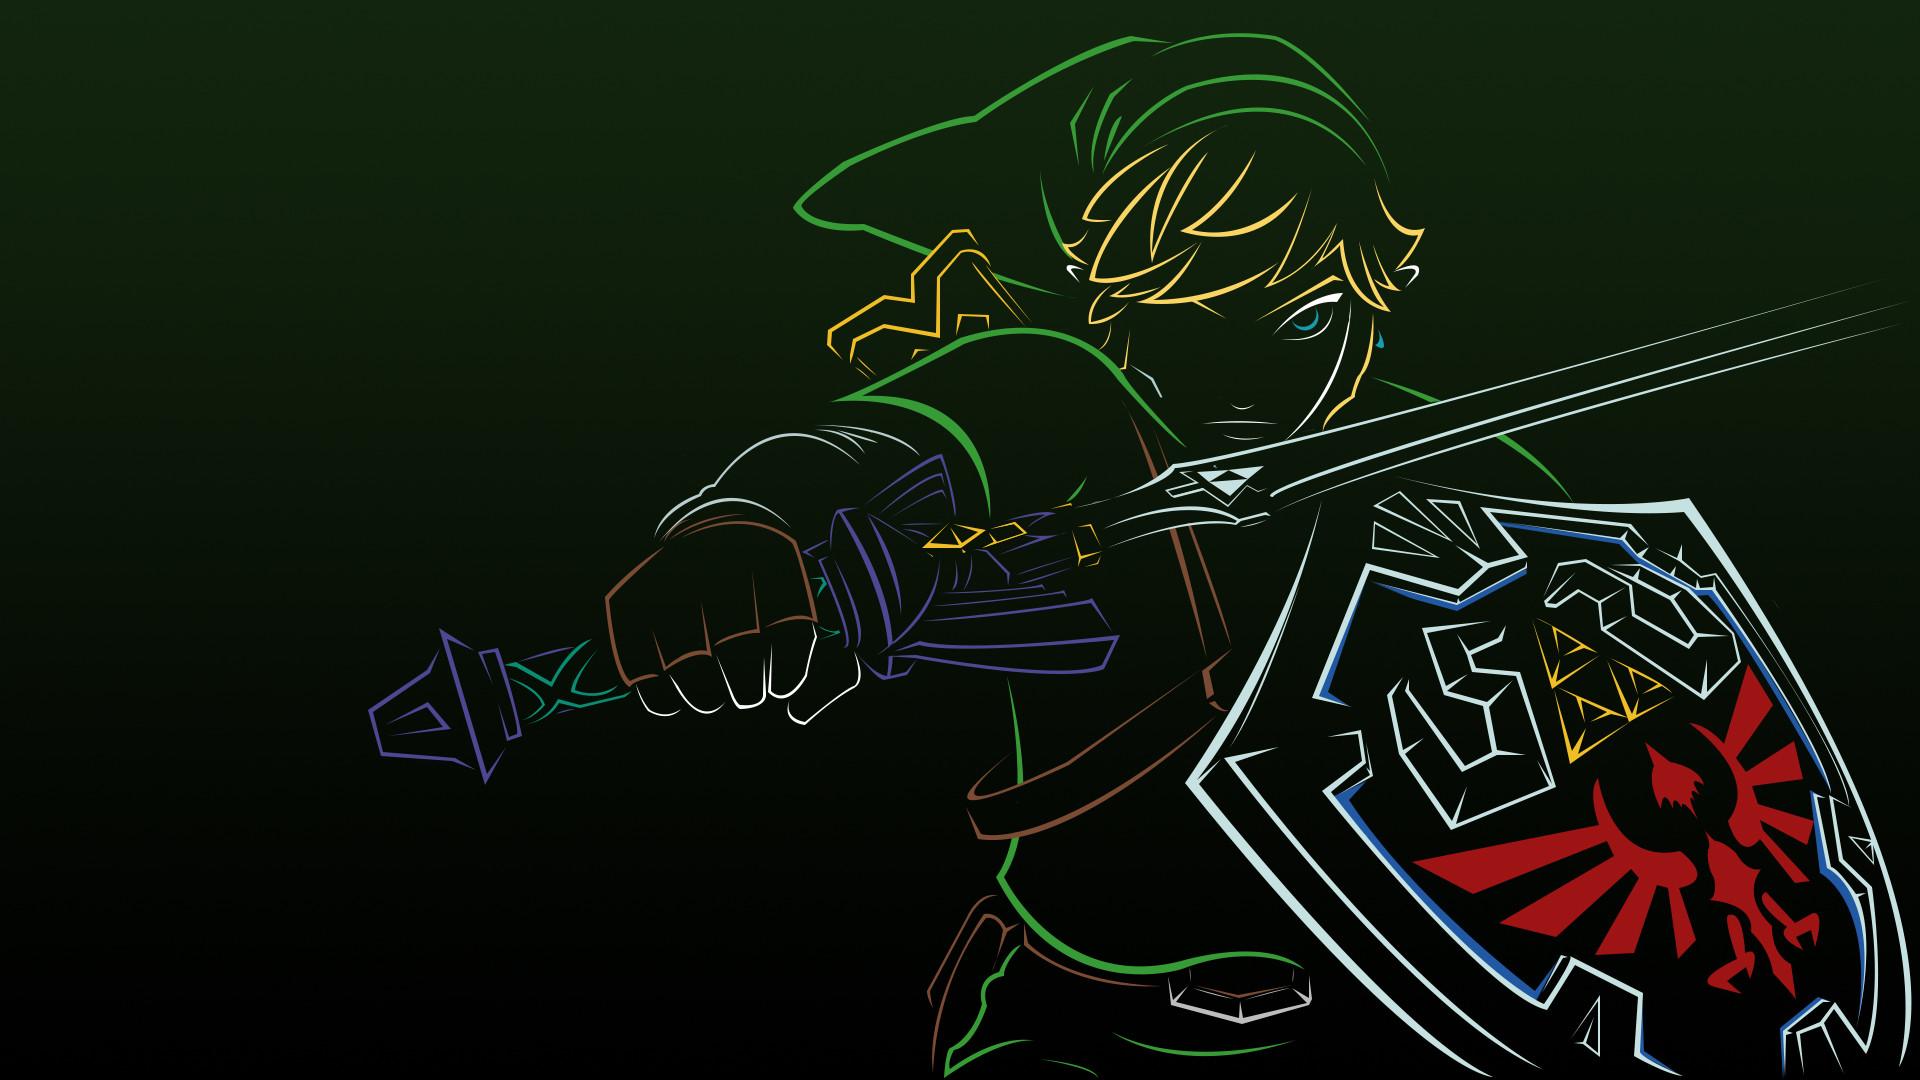 Zelda Wallpaper Hd – WallpaperSafari